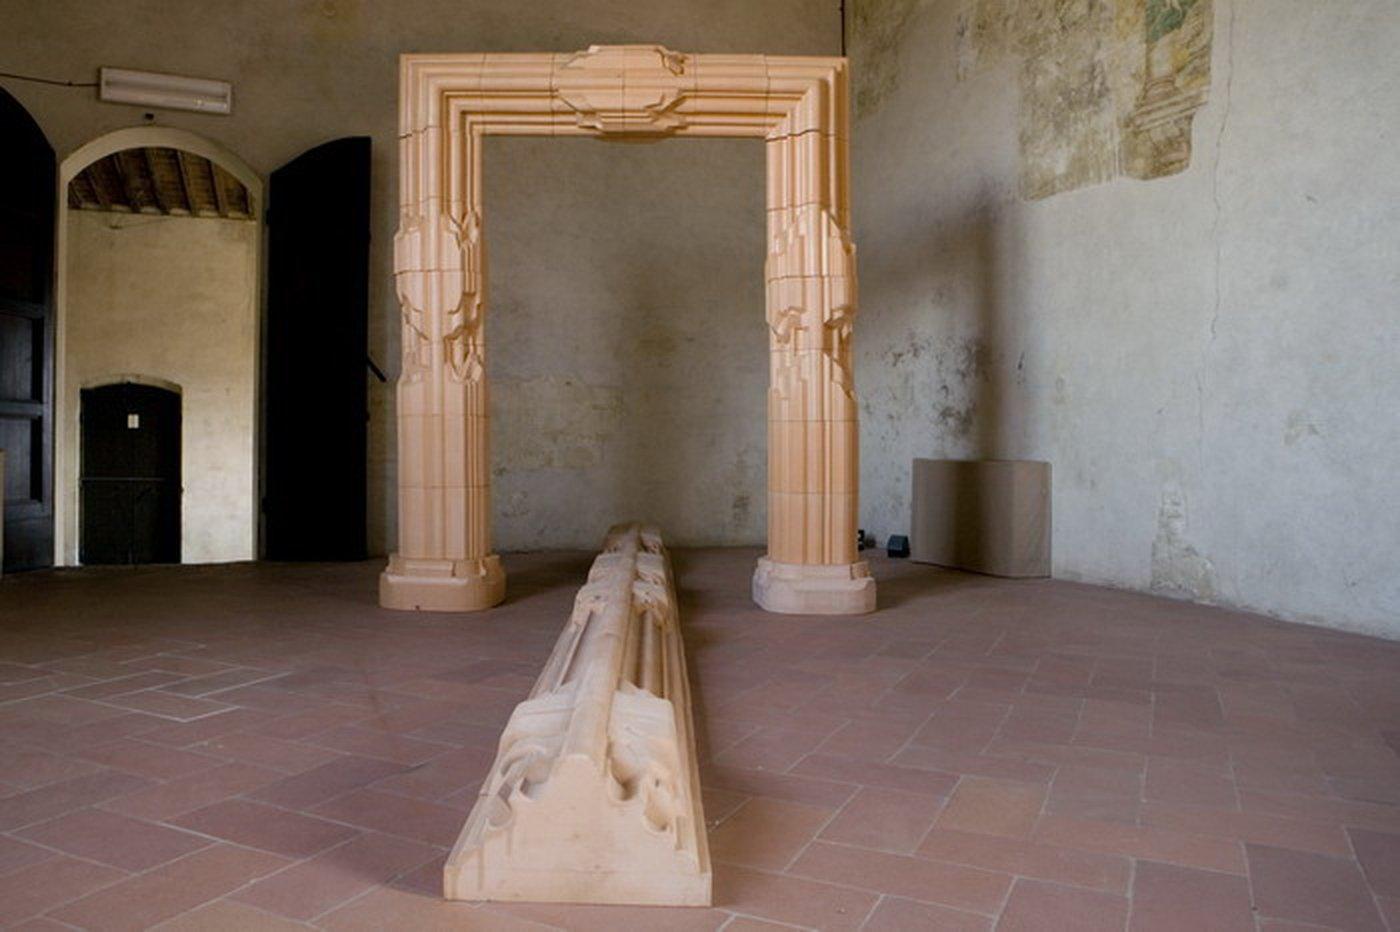 Ceramica Viva Nino Caruso.Morto A 88 Anni Il Grande Artista Nino Caruso Artribune